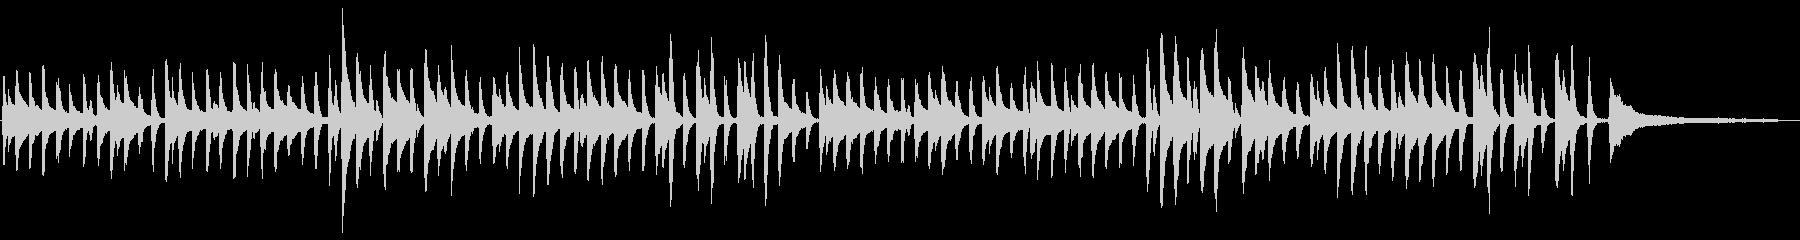 童謡「鯉のぼり」シンプルなピアノソロの未再生の波形